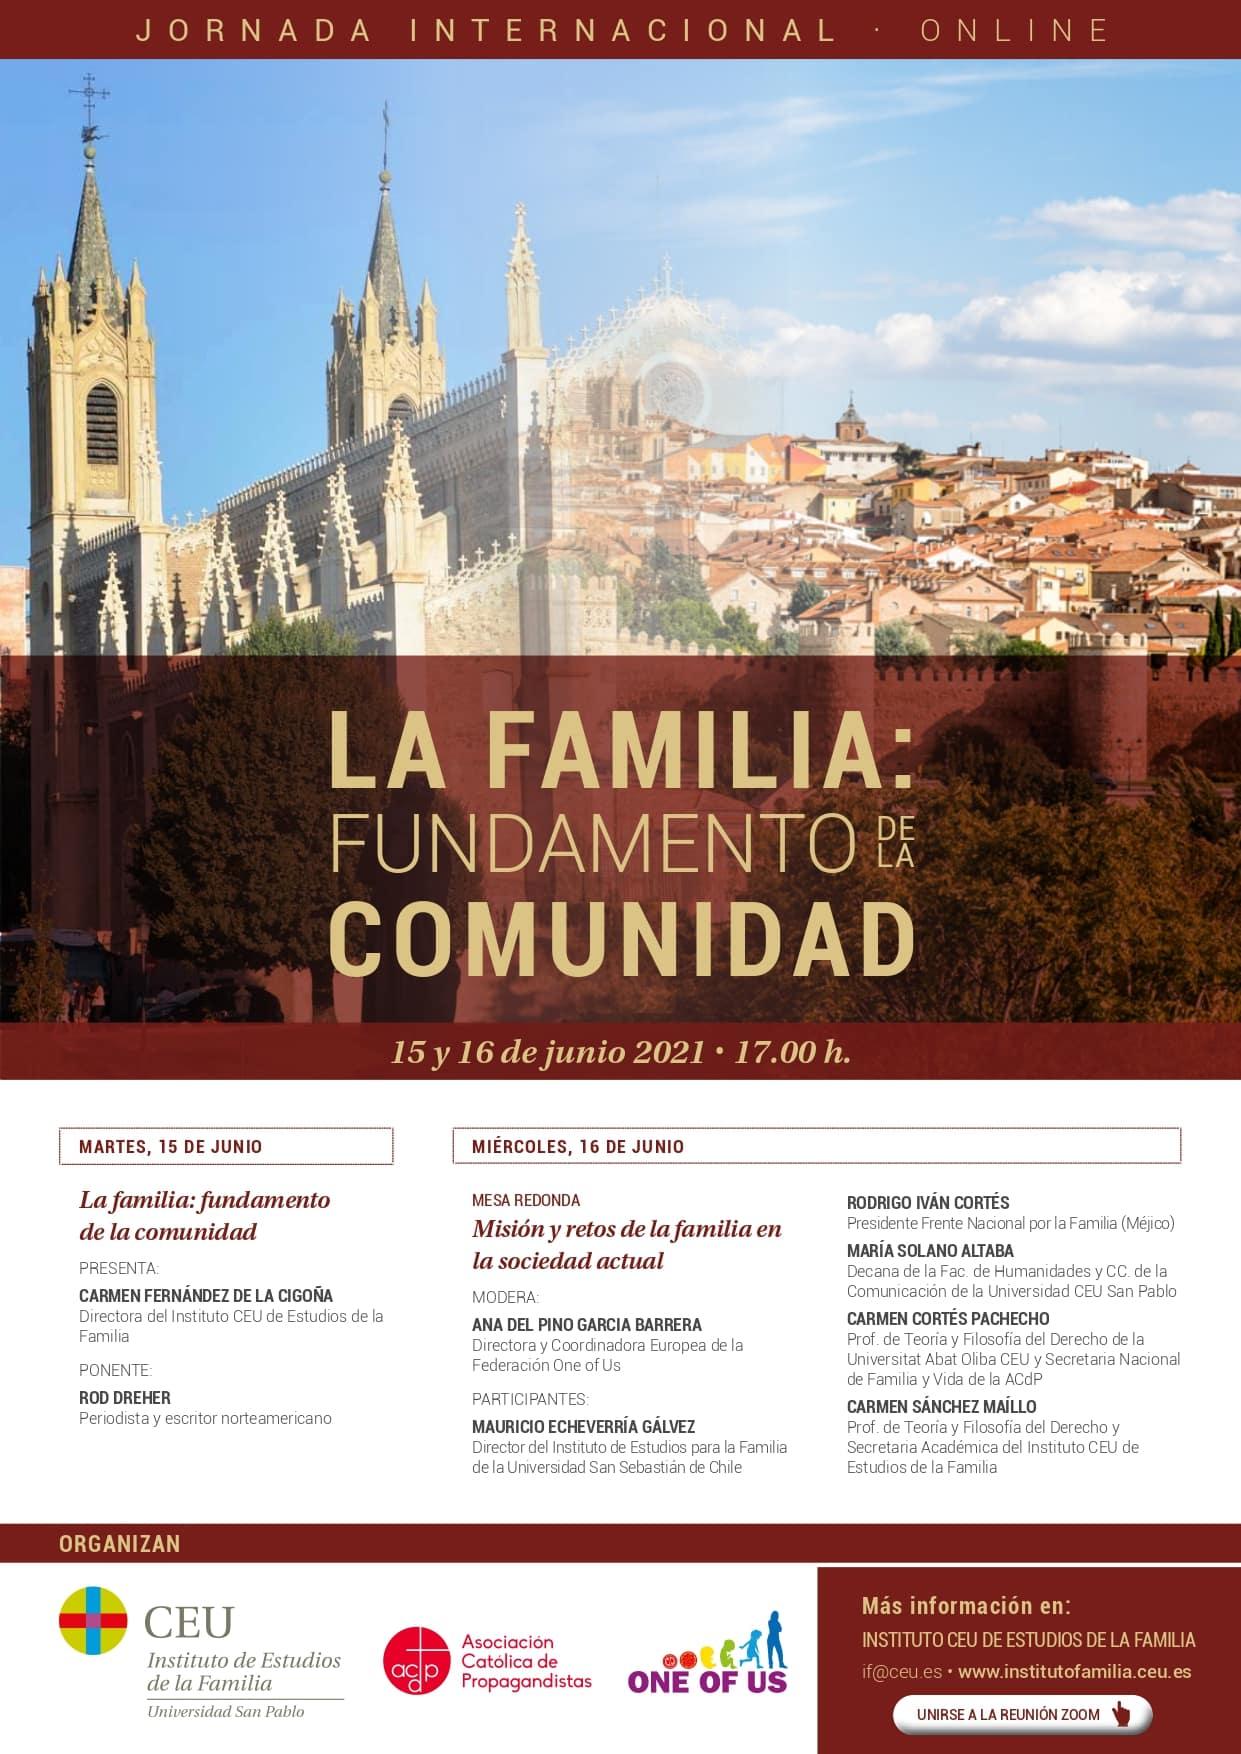 La familia: fundamento de la comunidad